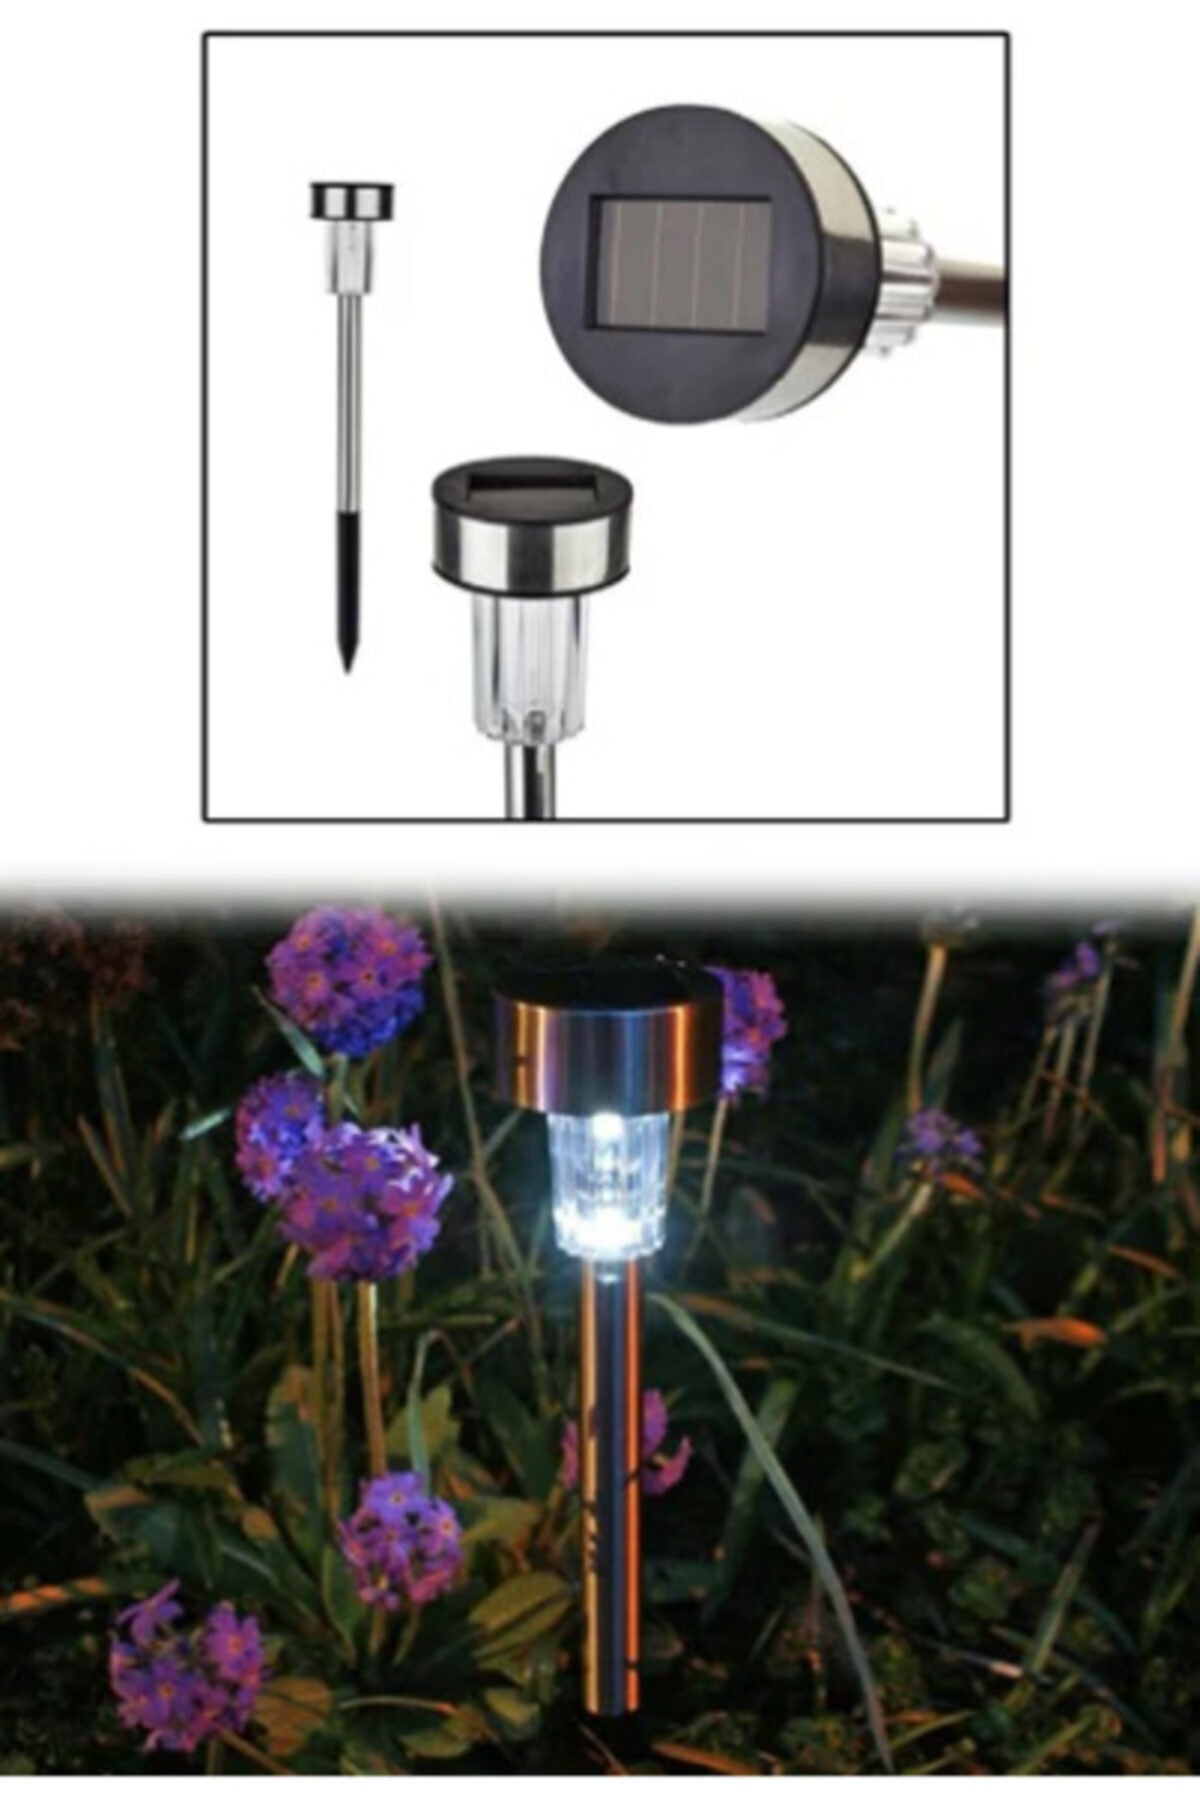 ELBA Kablosuz Solar Bahçe Lambası Garden Lamp (küçük) 1